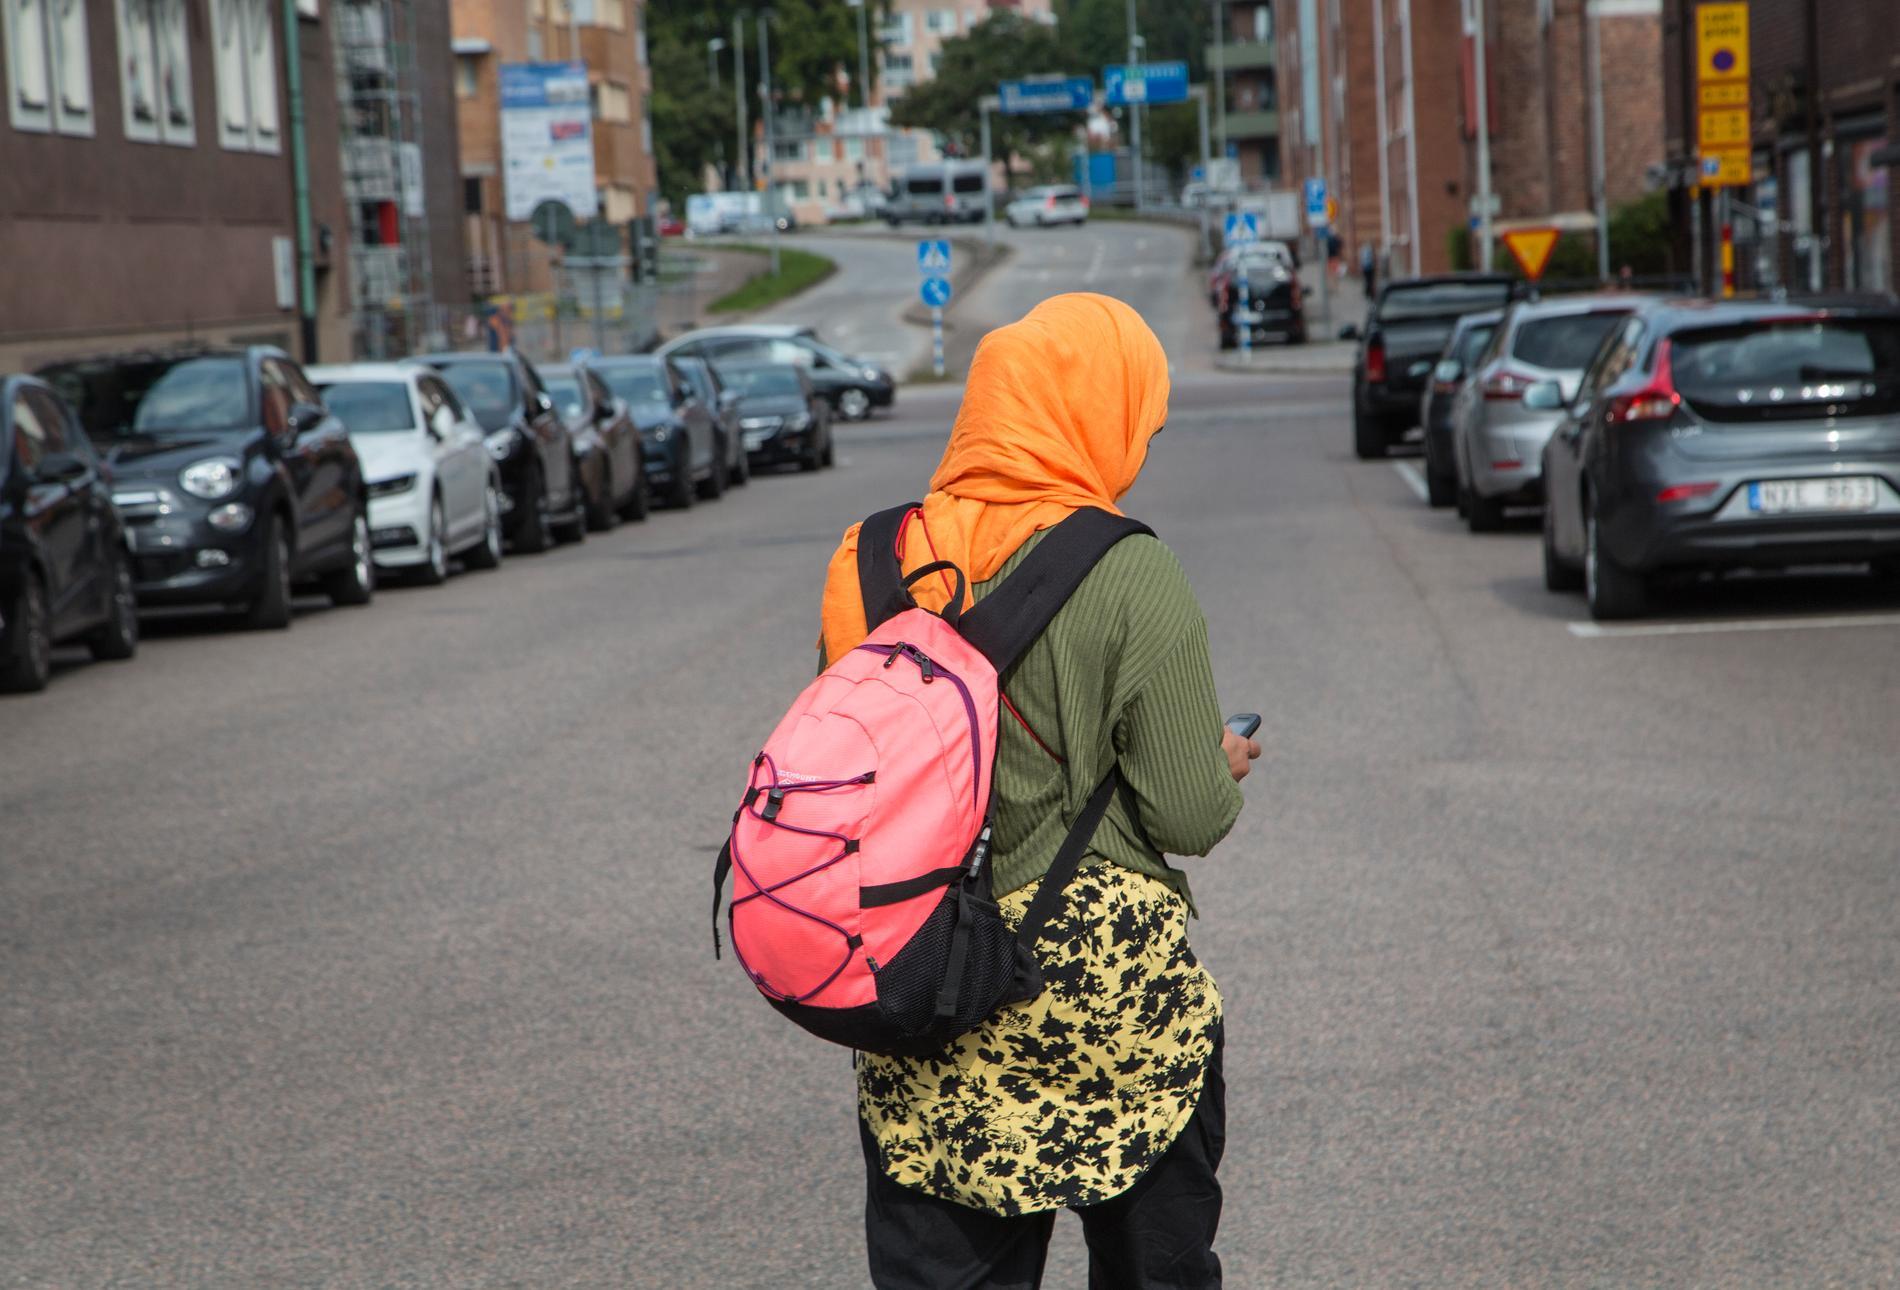 20180908 Kvinna med slöja promenerar på gata i Halmstad. Foto: Fotograferna Holmberg / TT / kod 96